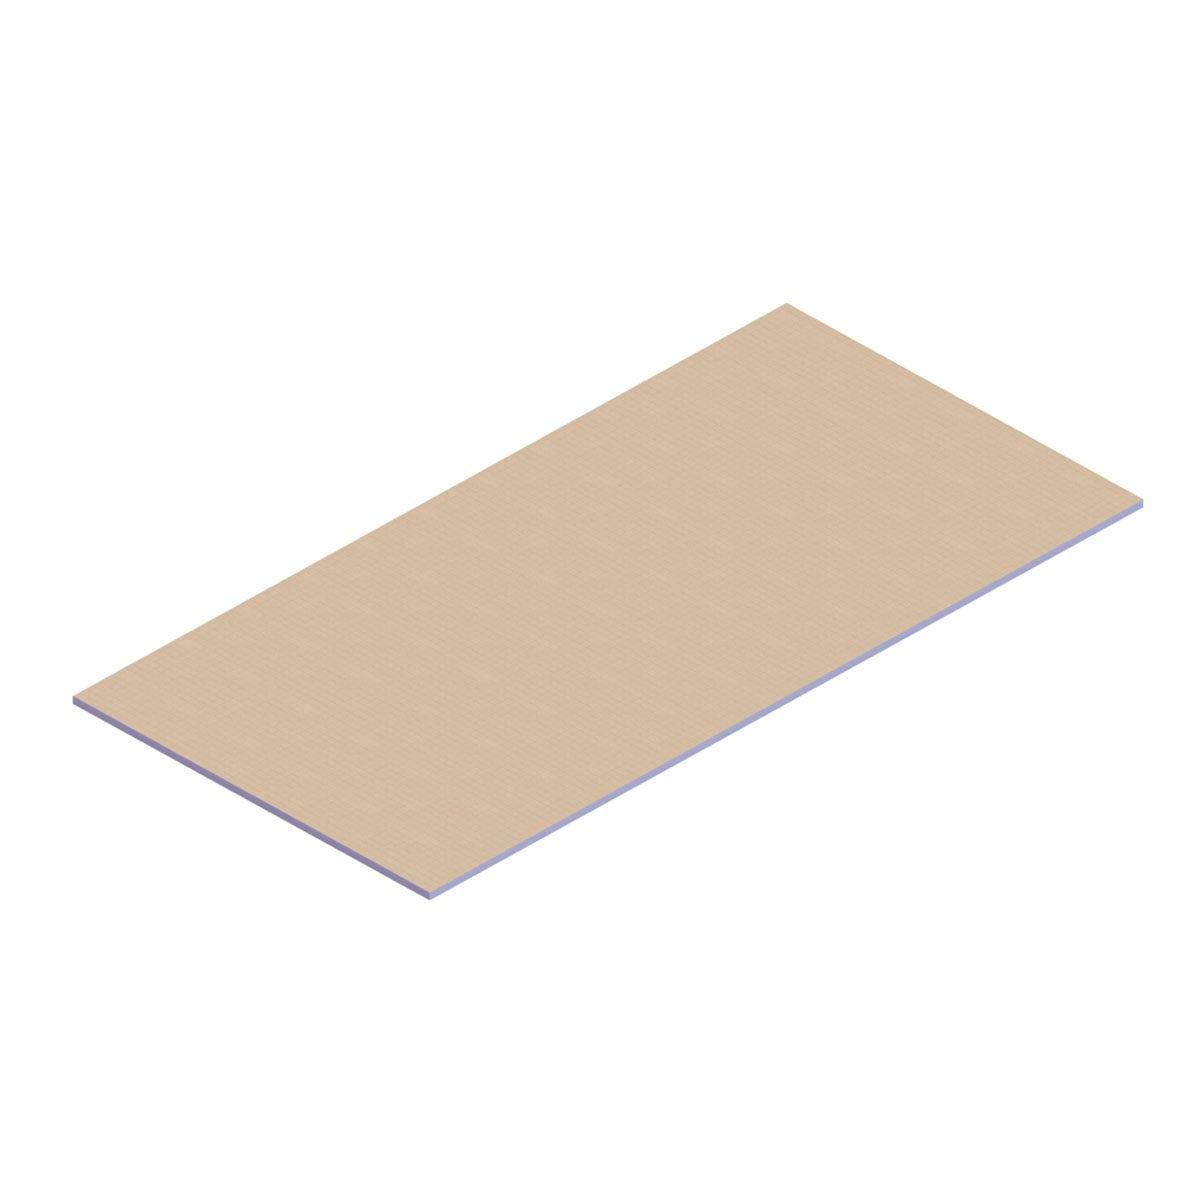 Orchard waterproof tile backer board 12mm pack of 10